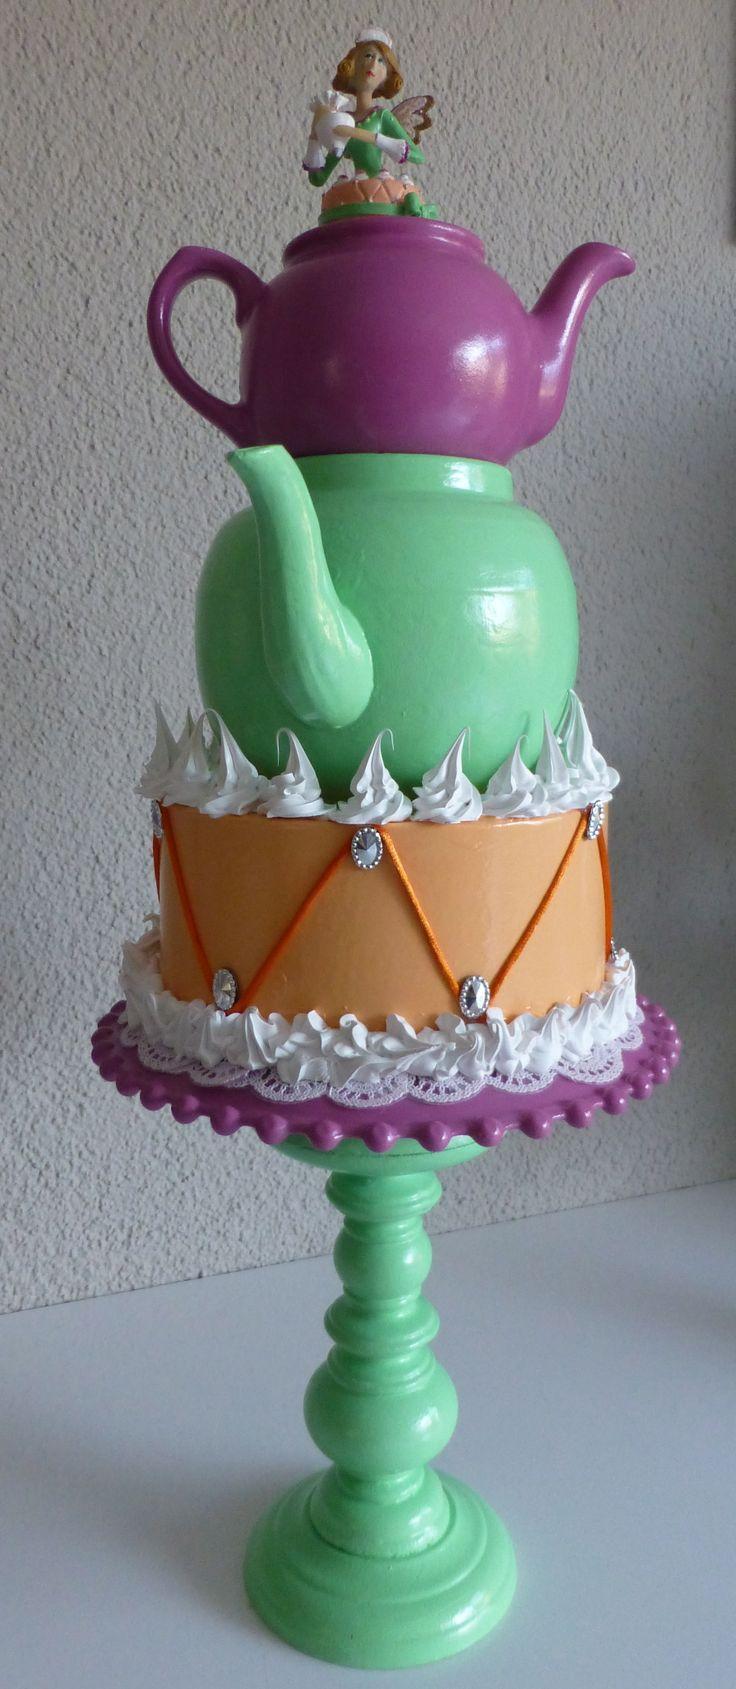 Taart dame Een mooiere blikvanger kun je niet bedenken voor je taarten winkel, etalage of keuken.  marktplaats.nl